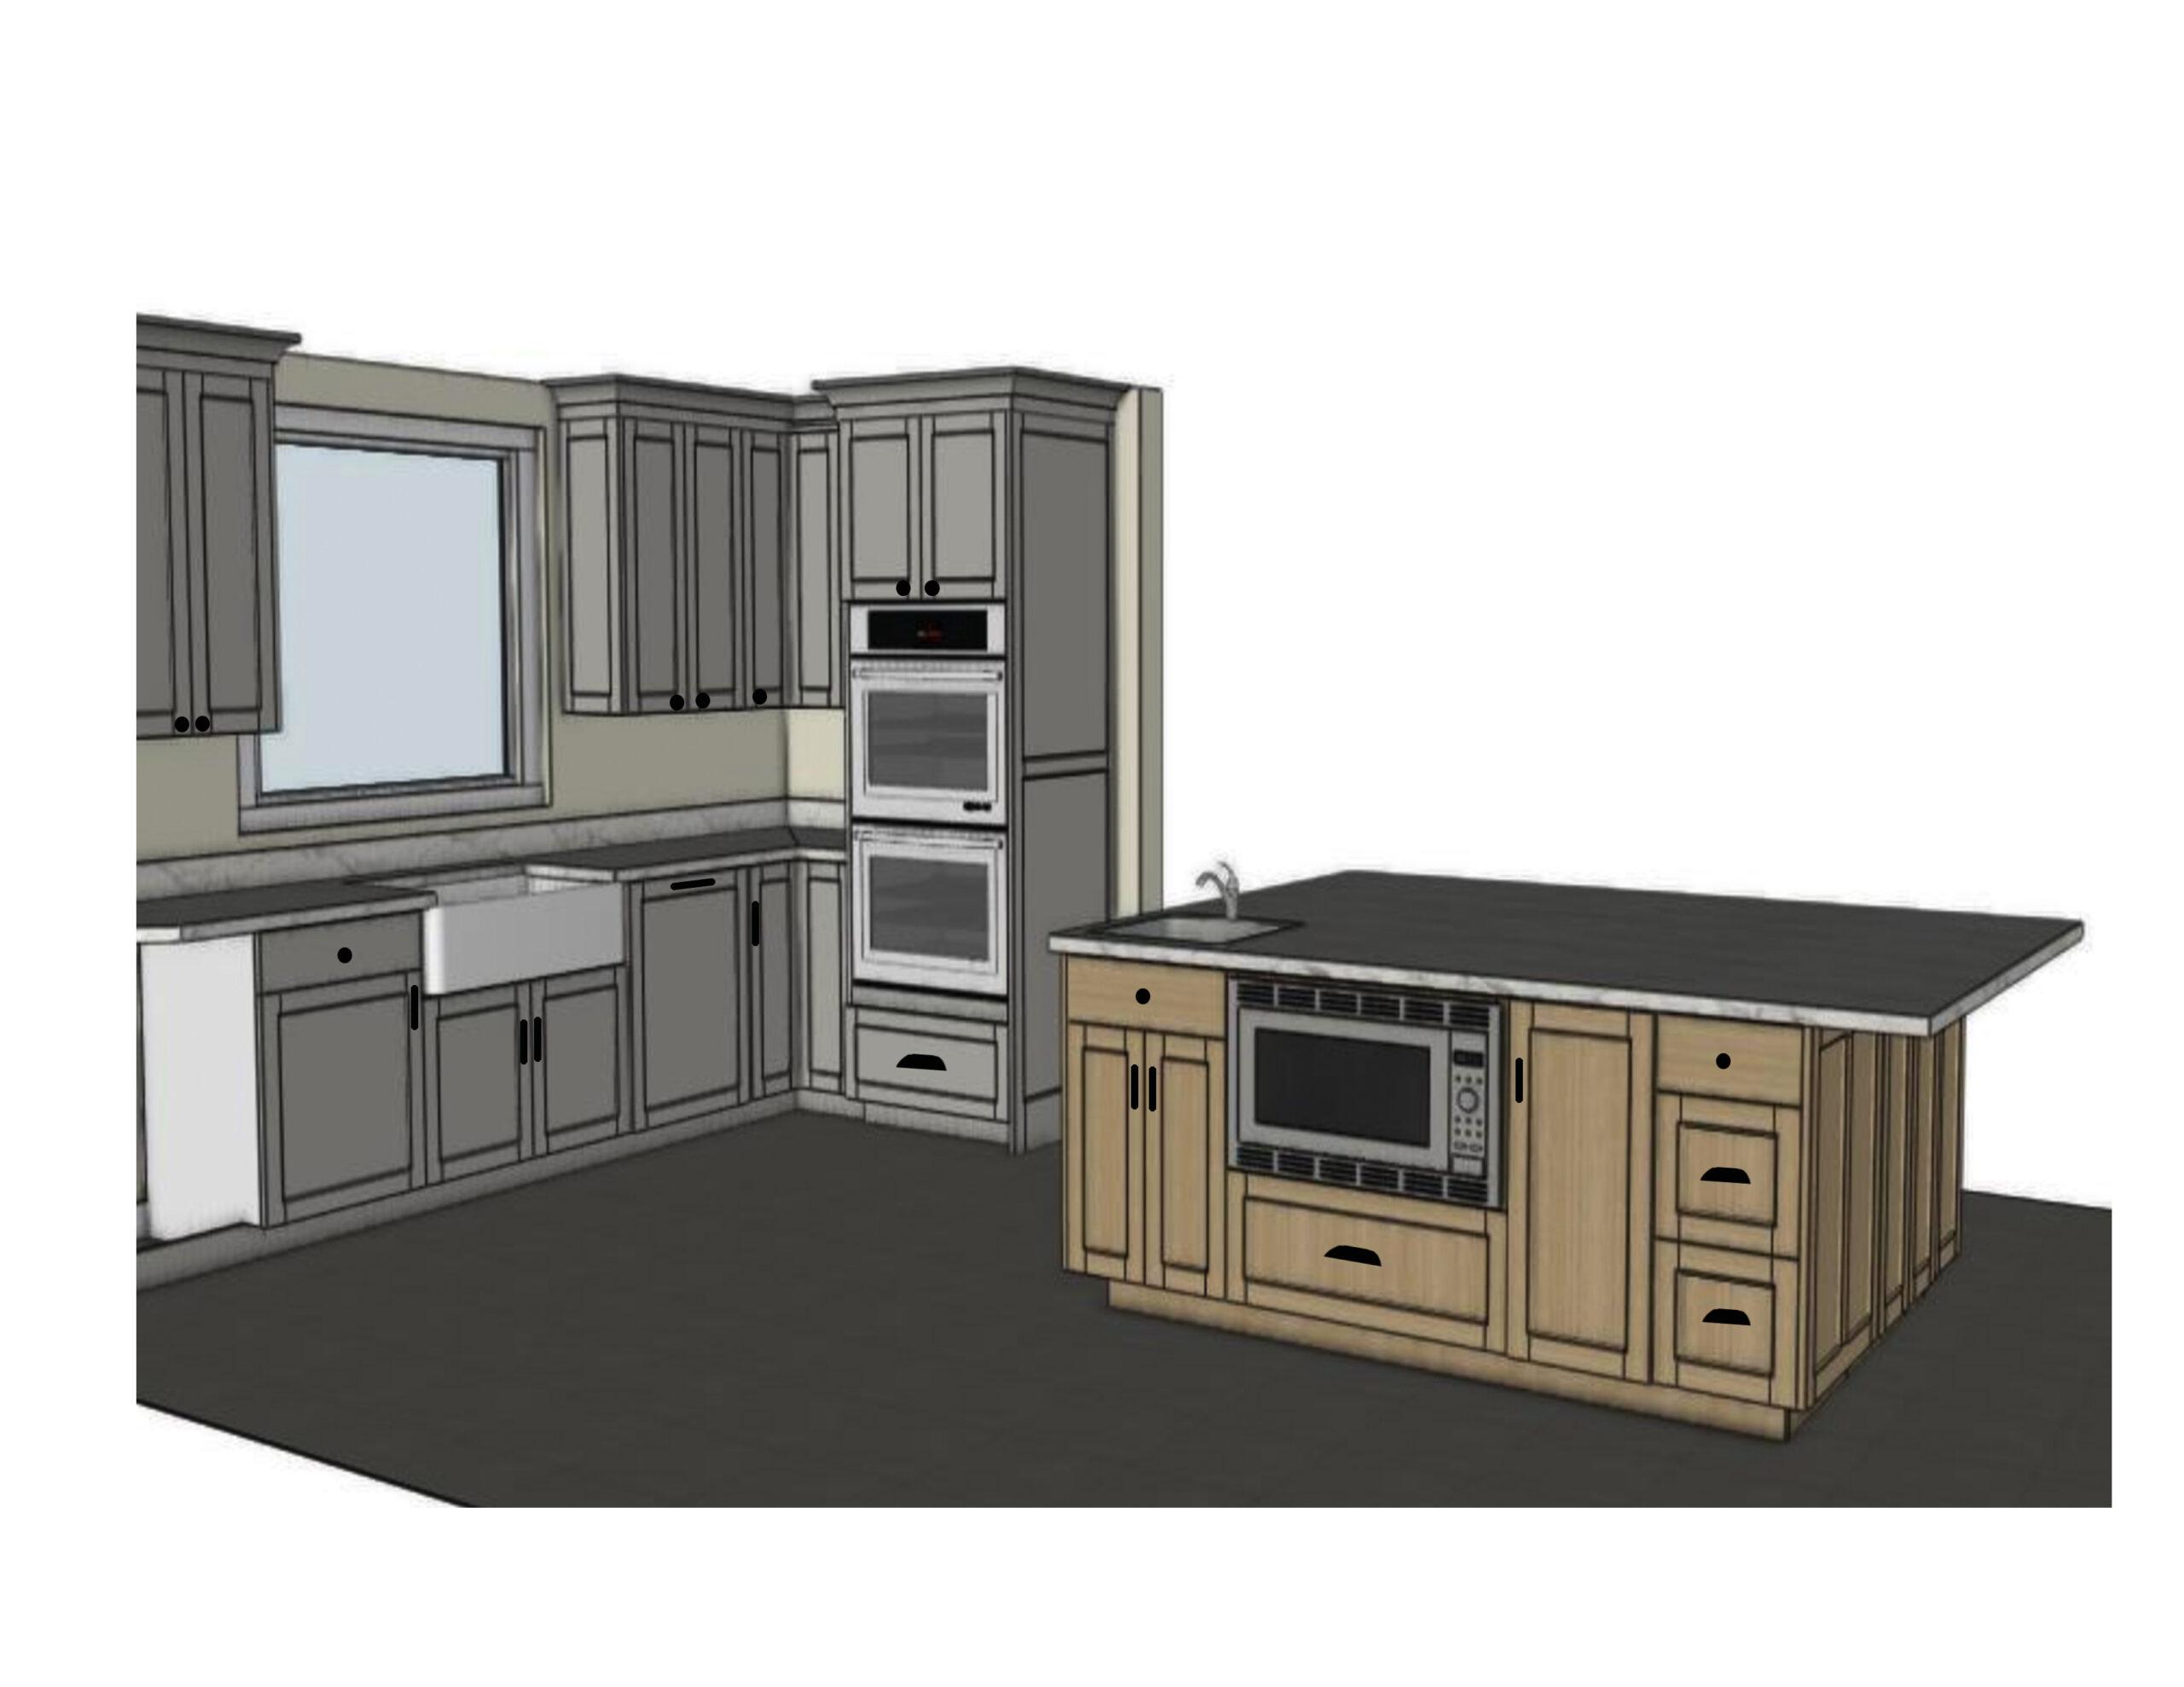 Kitchen rendering 1